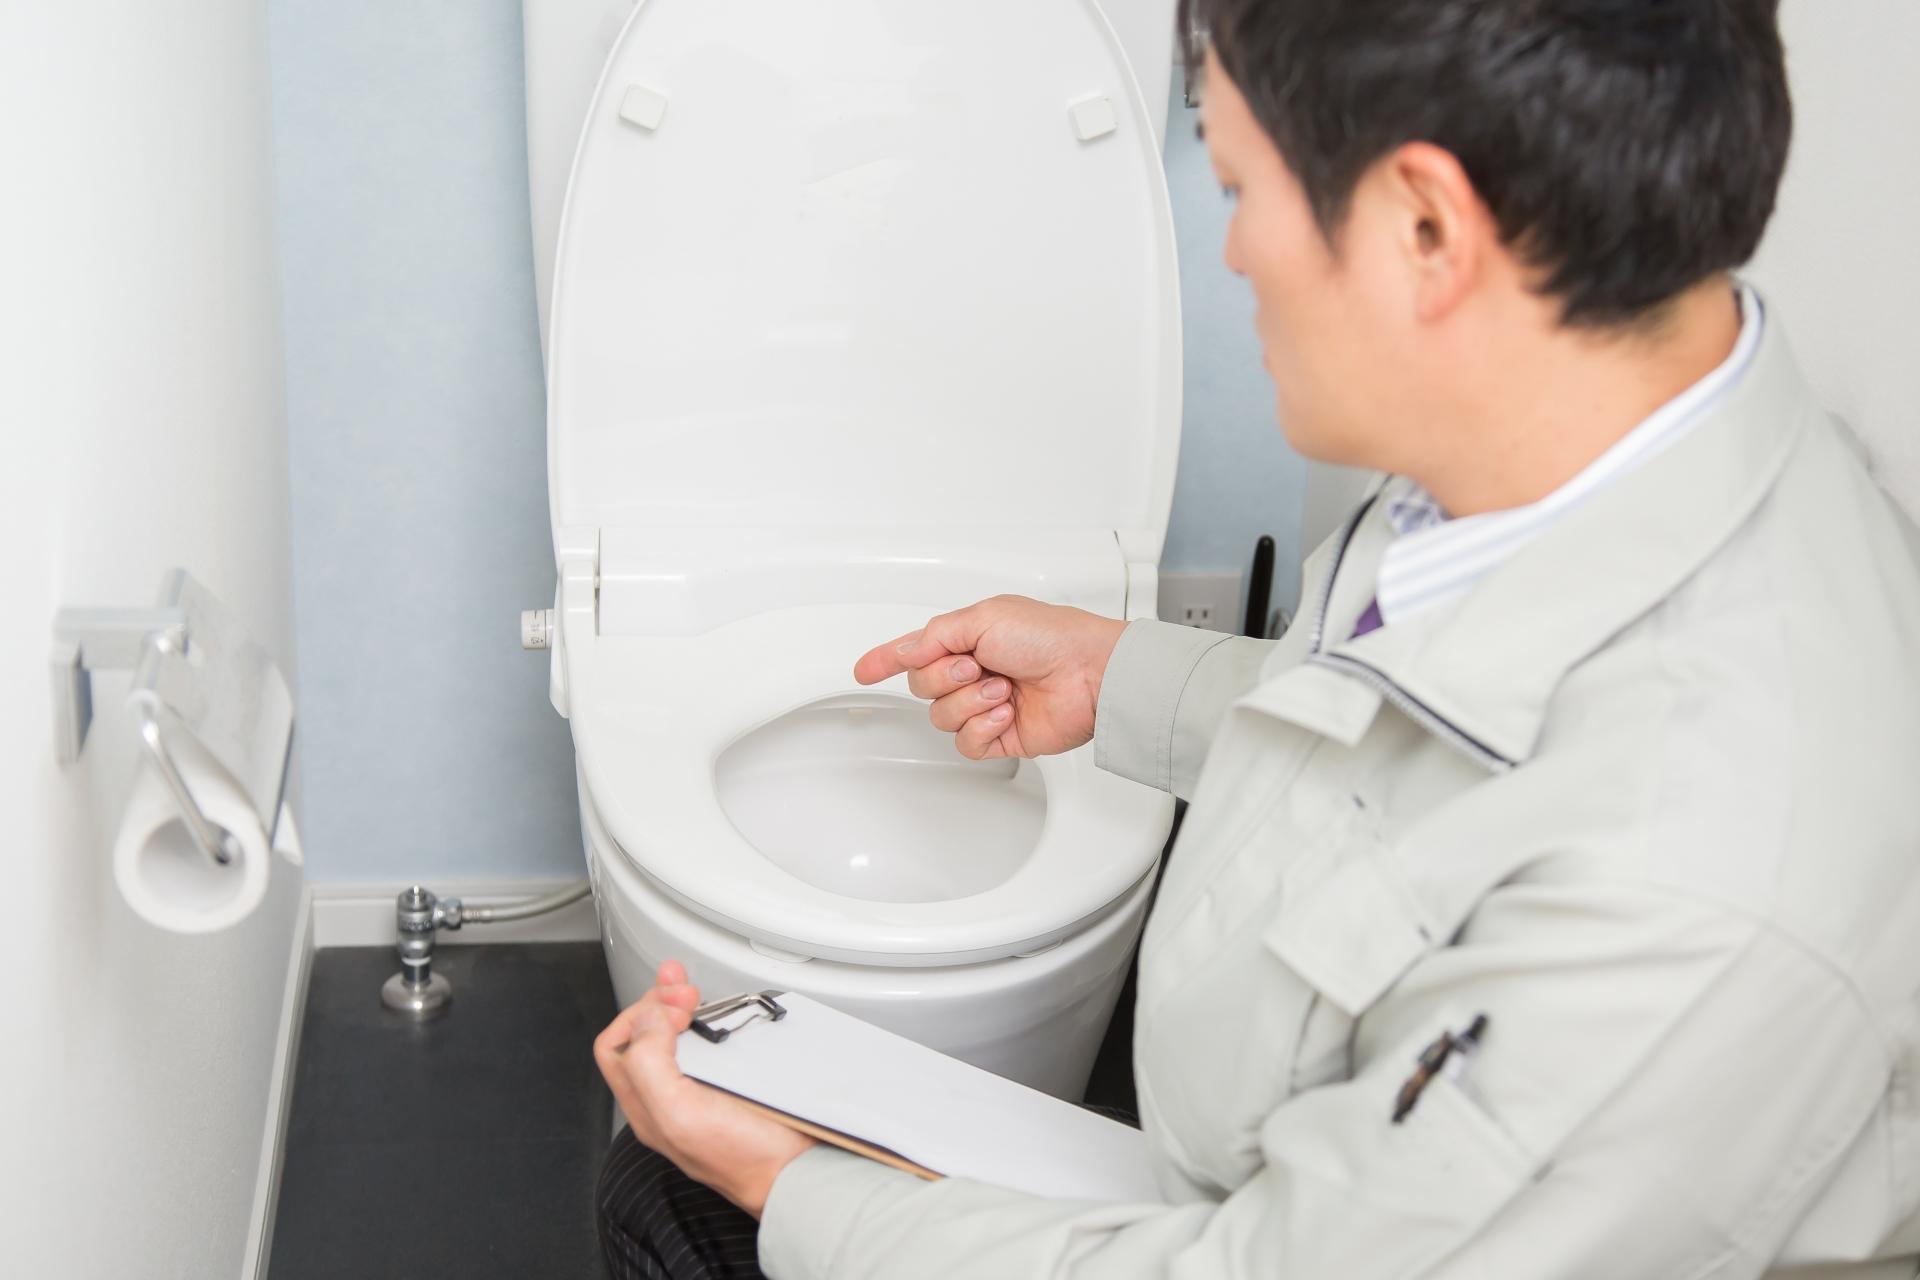 工事時間は最短1時間 トイレのリフォーム工事費用の相場と内容